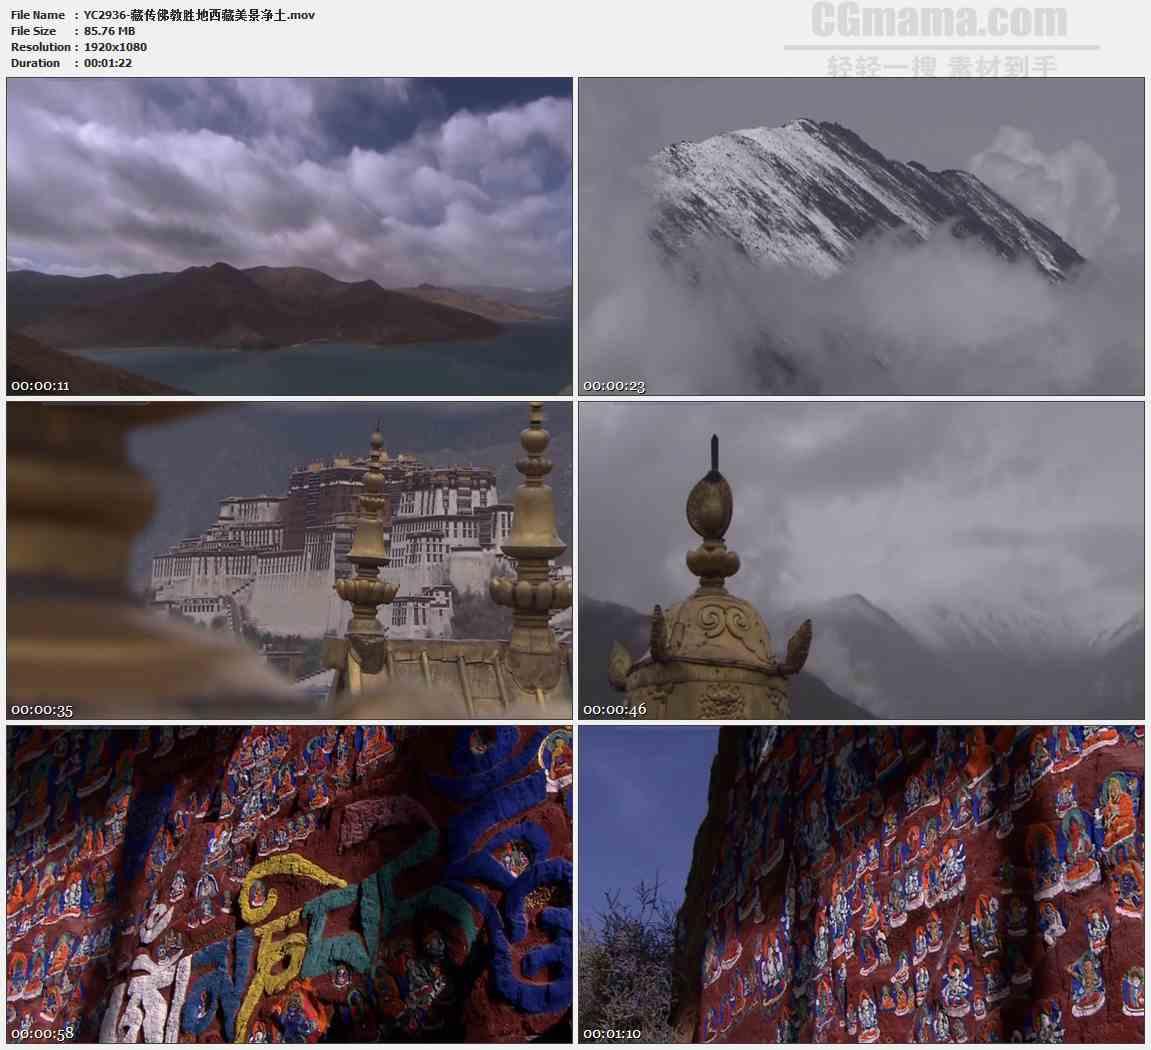 YC2936-藏传佛教胜地西藏美景净土高清实拍视频素材